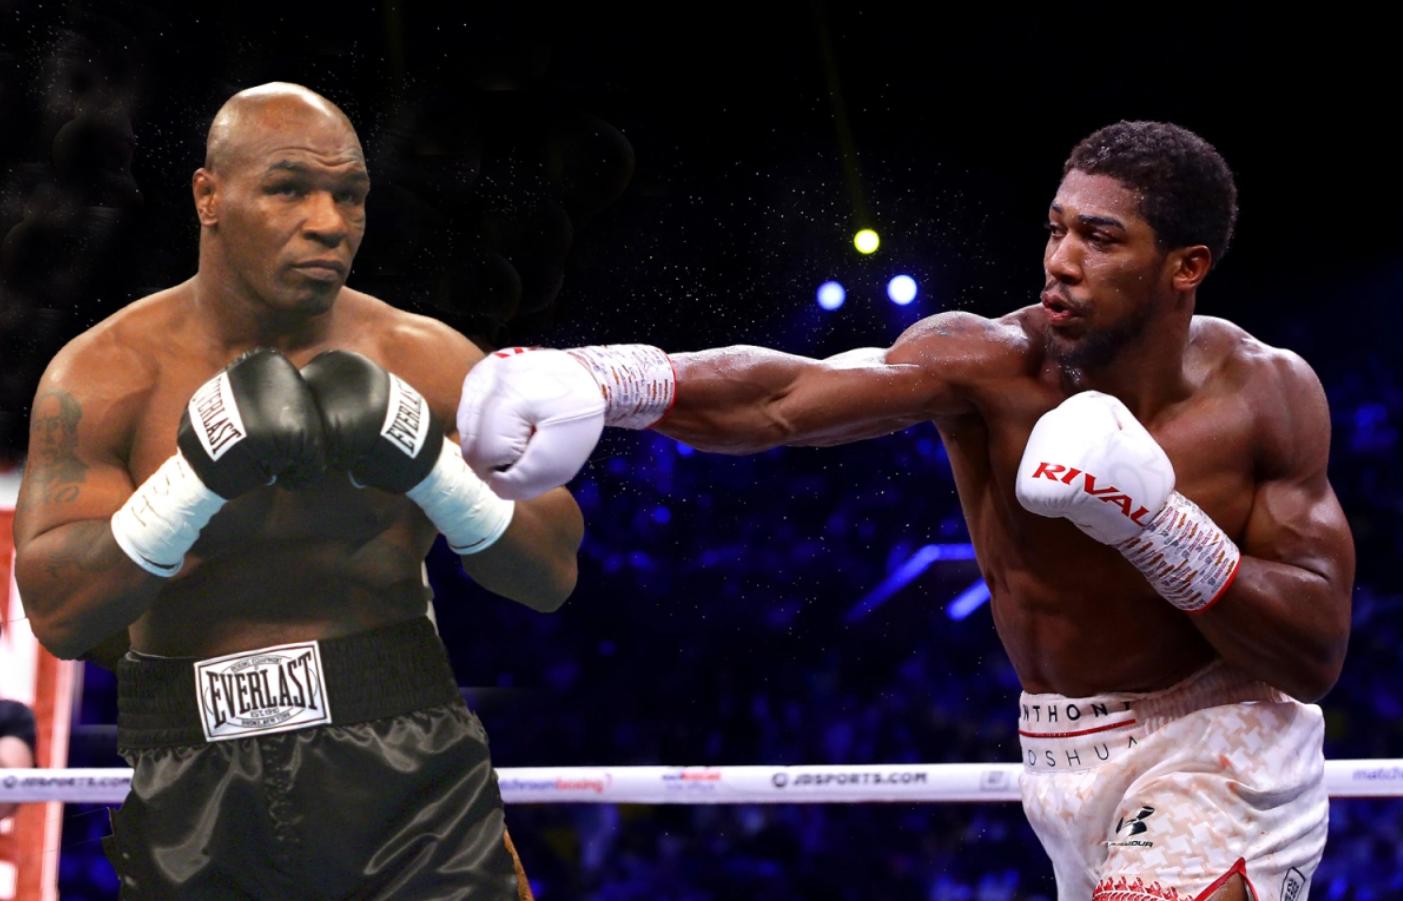 Mike Tyson sẵn sàng thượng đài cùng nhà vô địch thế giới Anthony Joshua - Ảnh 1.